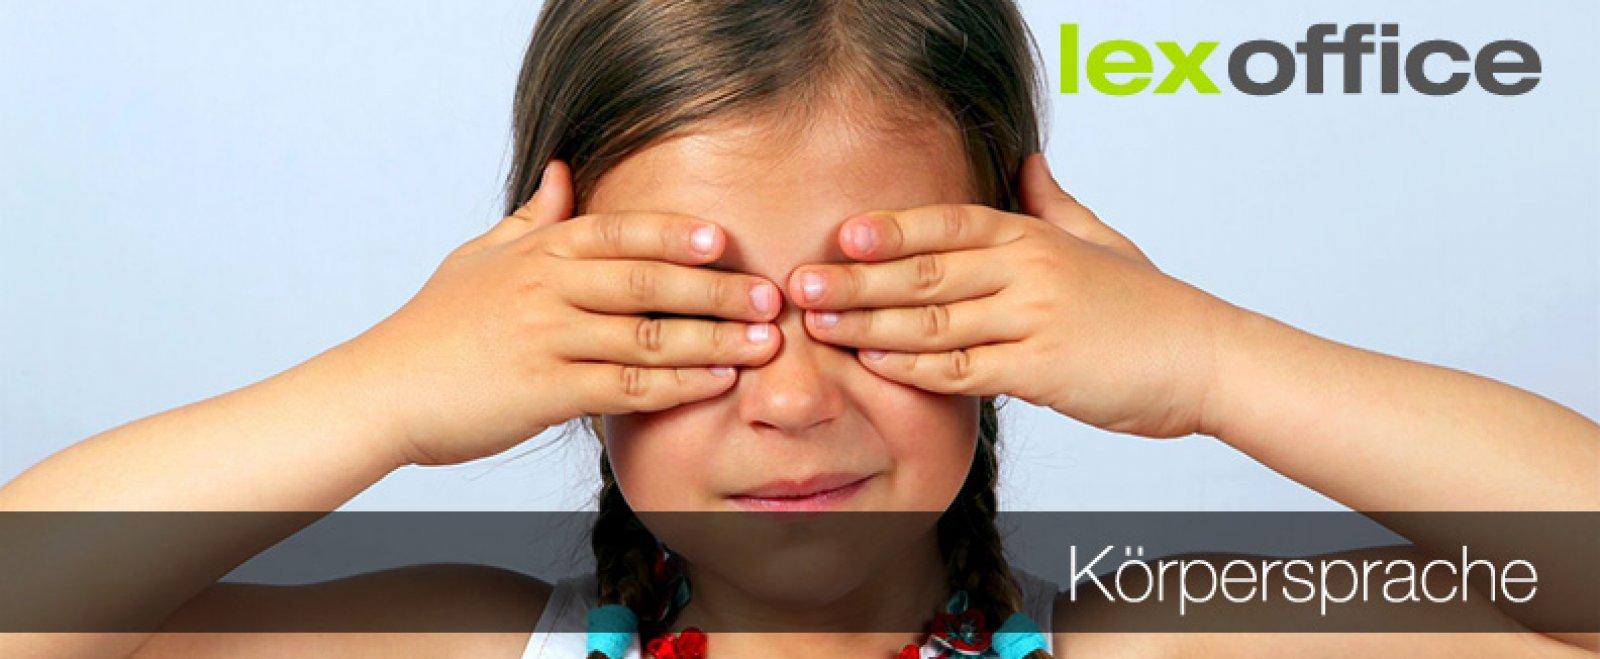 """""""Sieh mir in die Augen, Kleines"""" - Körpersprache und wie sie sein sollte"""